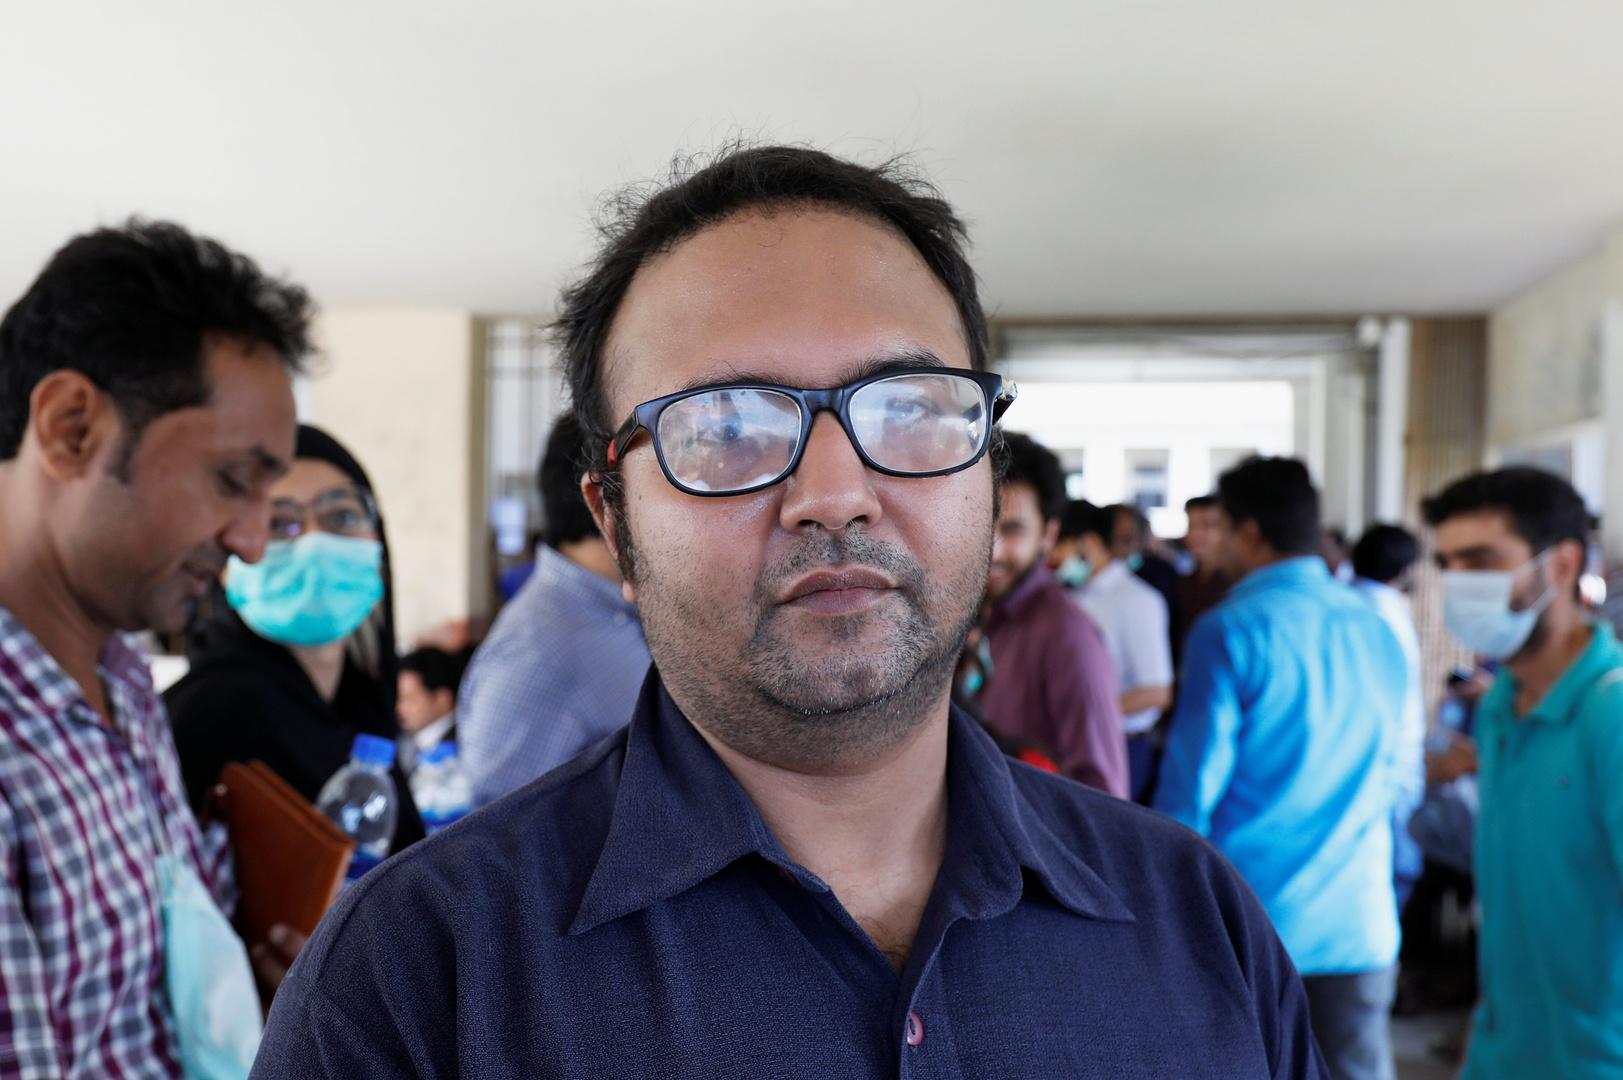 باكستان.. إخلاء سبيل صحفي متهم بالإساءة للجيش